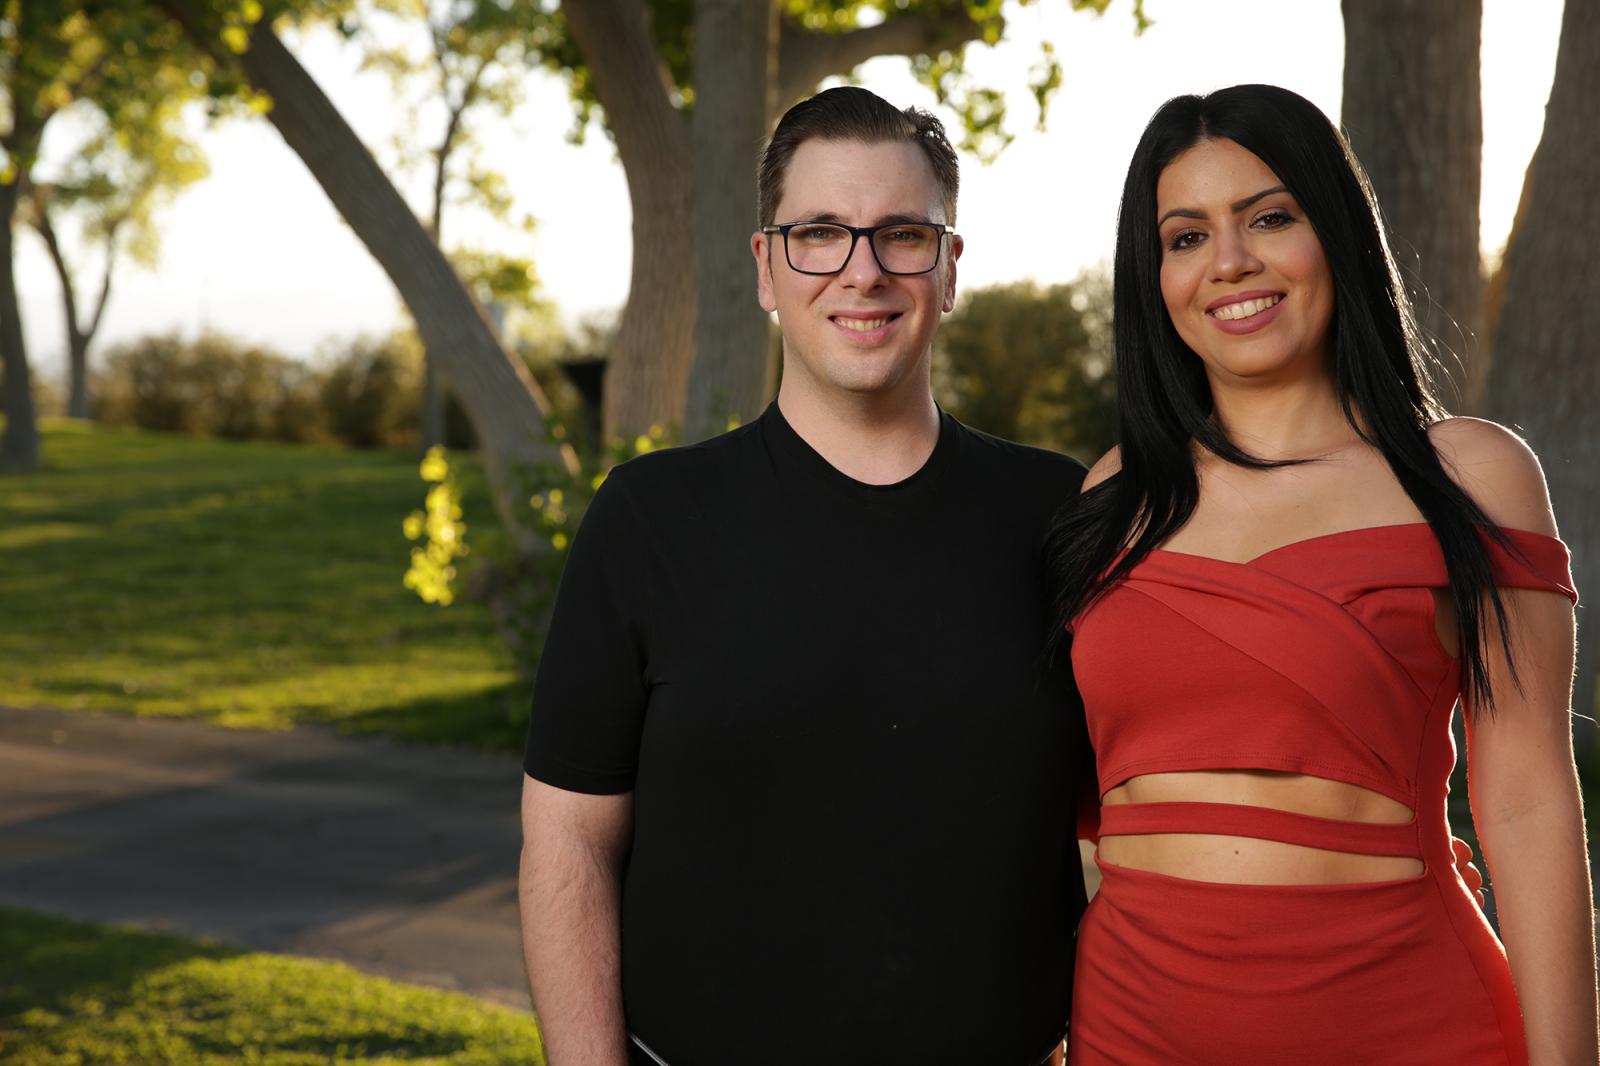 Colt and Larissa